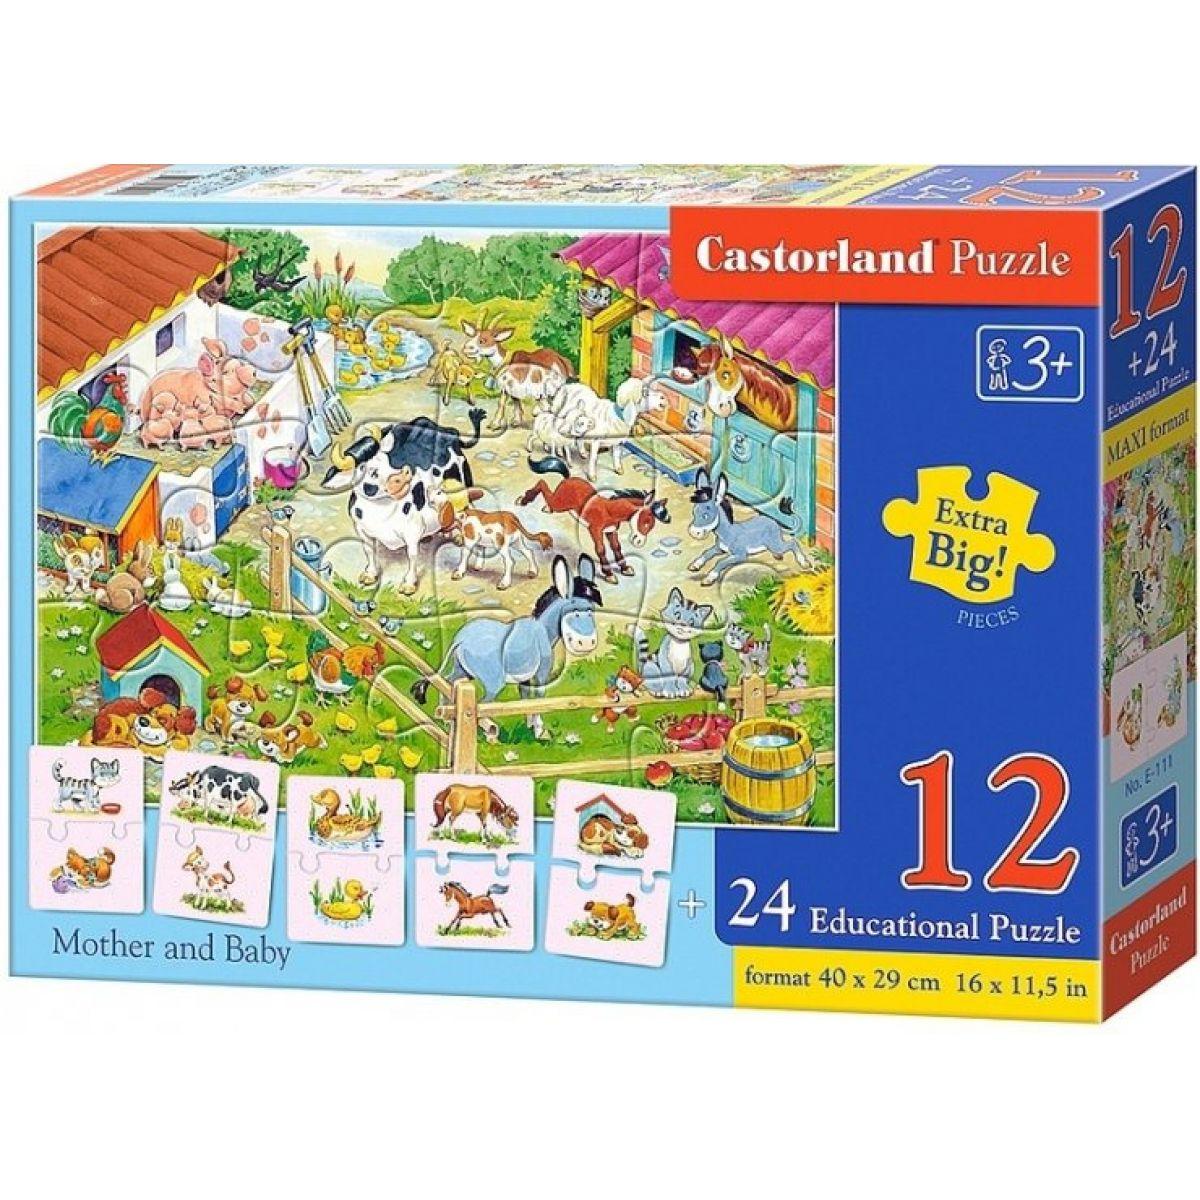 Castorland Puzzle 12 dielikov a 24 puzzlí do páru